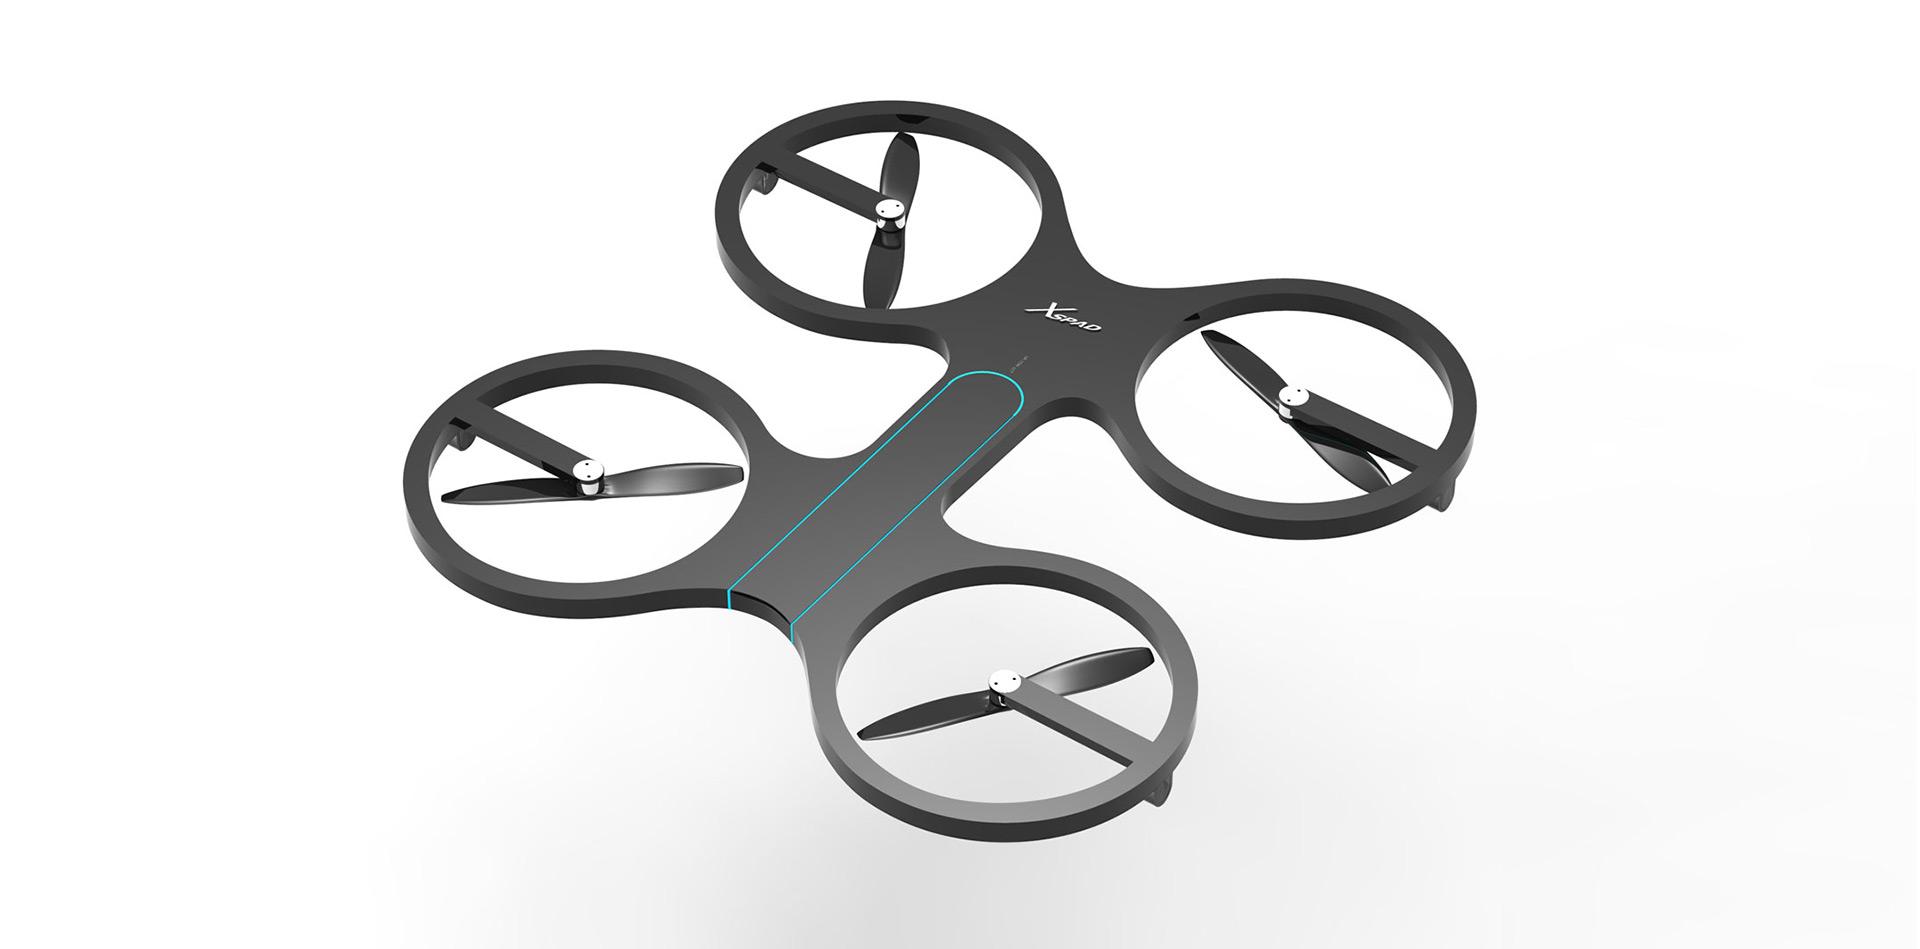 Xspeed drone